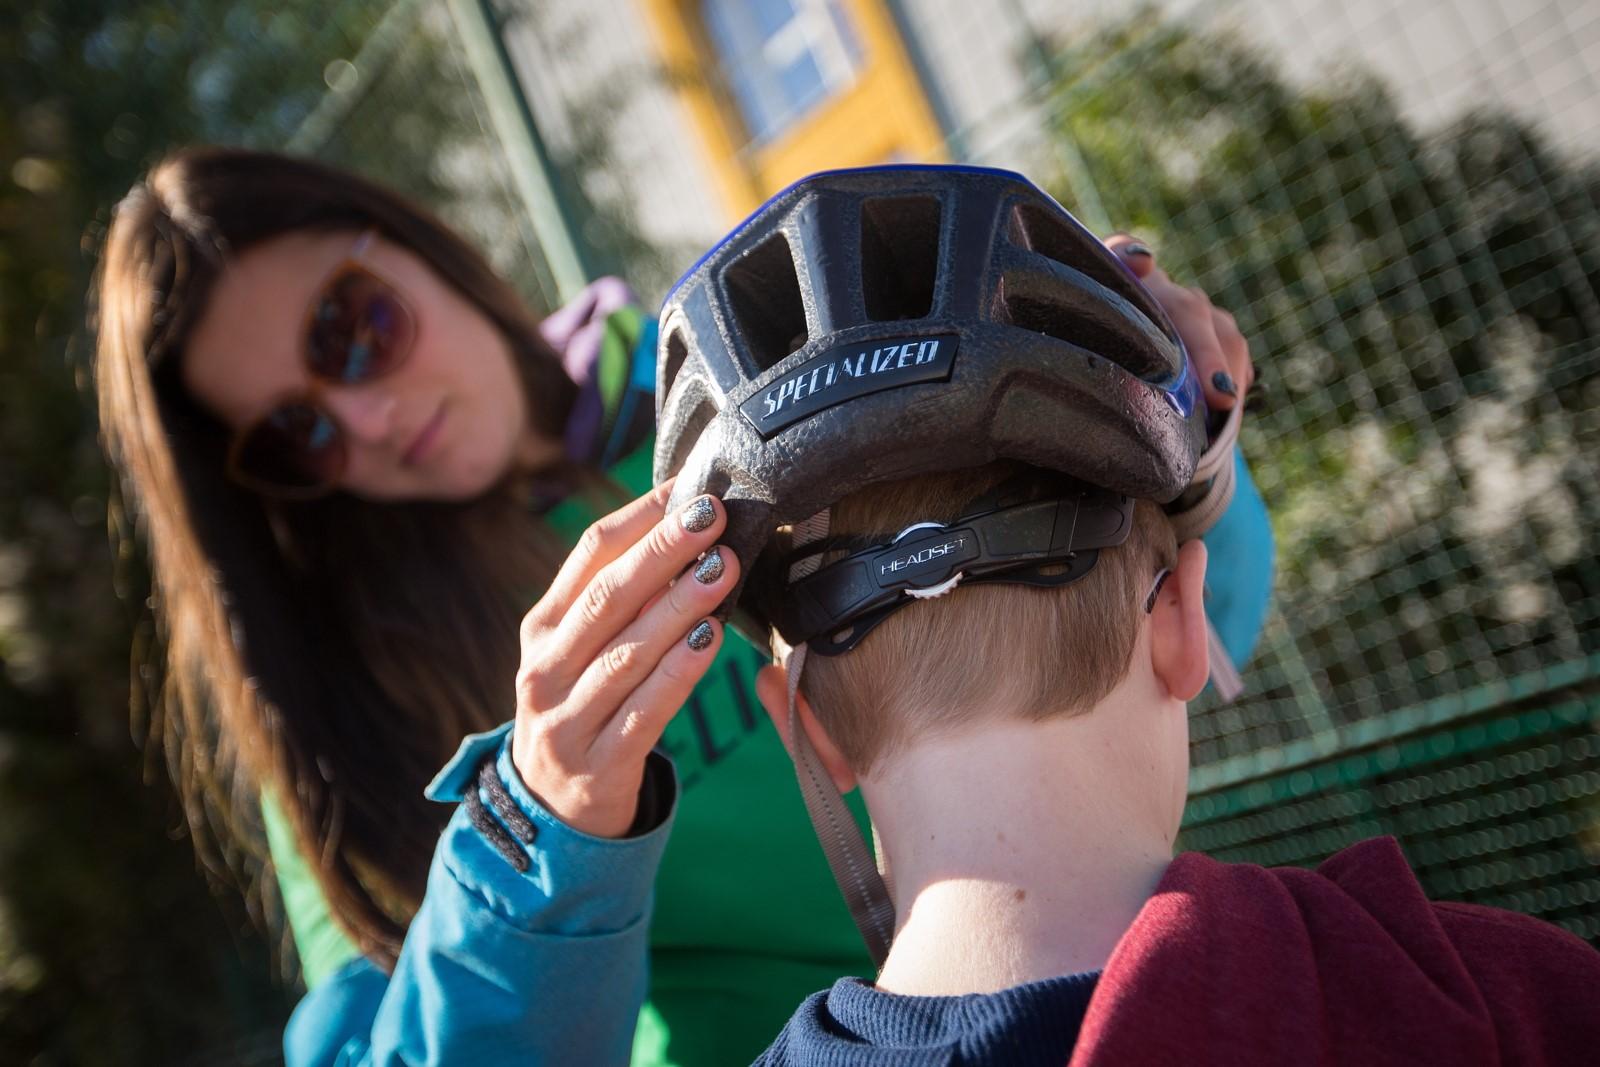 V případě dětské helmy hlavně dbejte, aby přilba správně seděla. Foto: Michal Červený